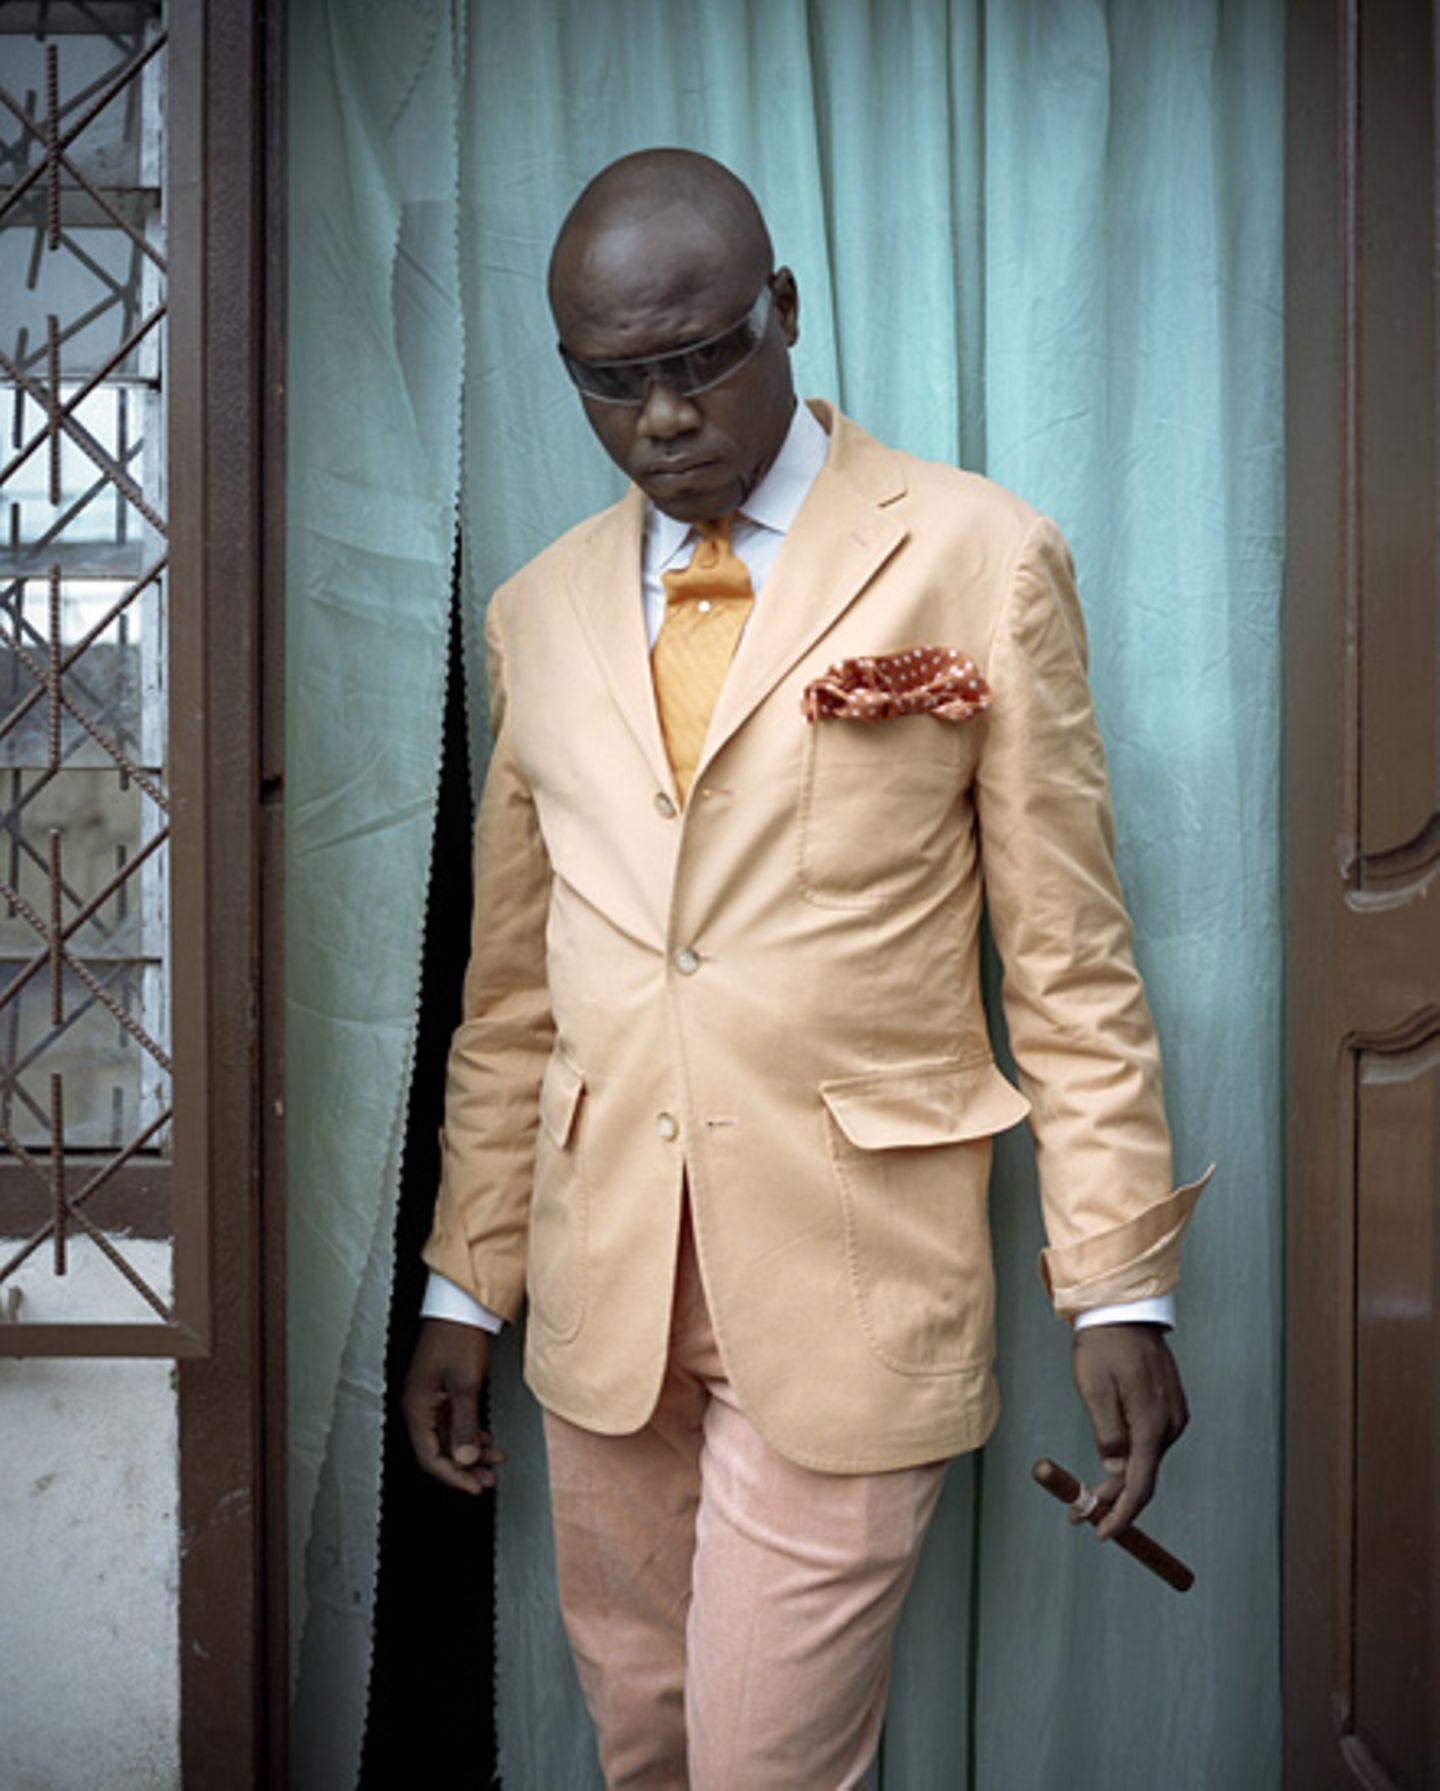 Fotogalerie: Die Sapeurs von Brazzaville - Bild 12